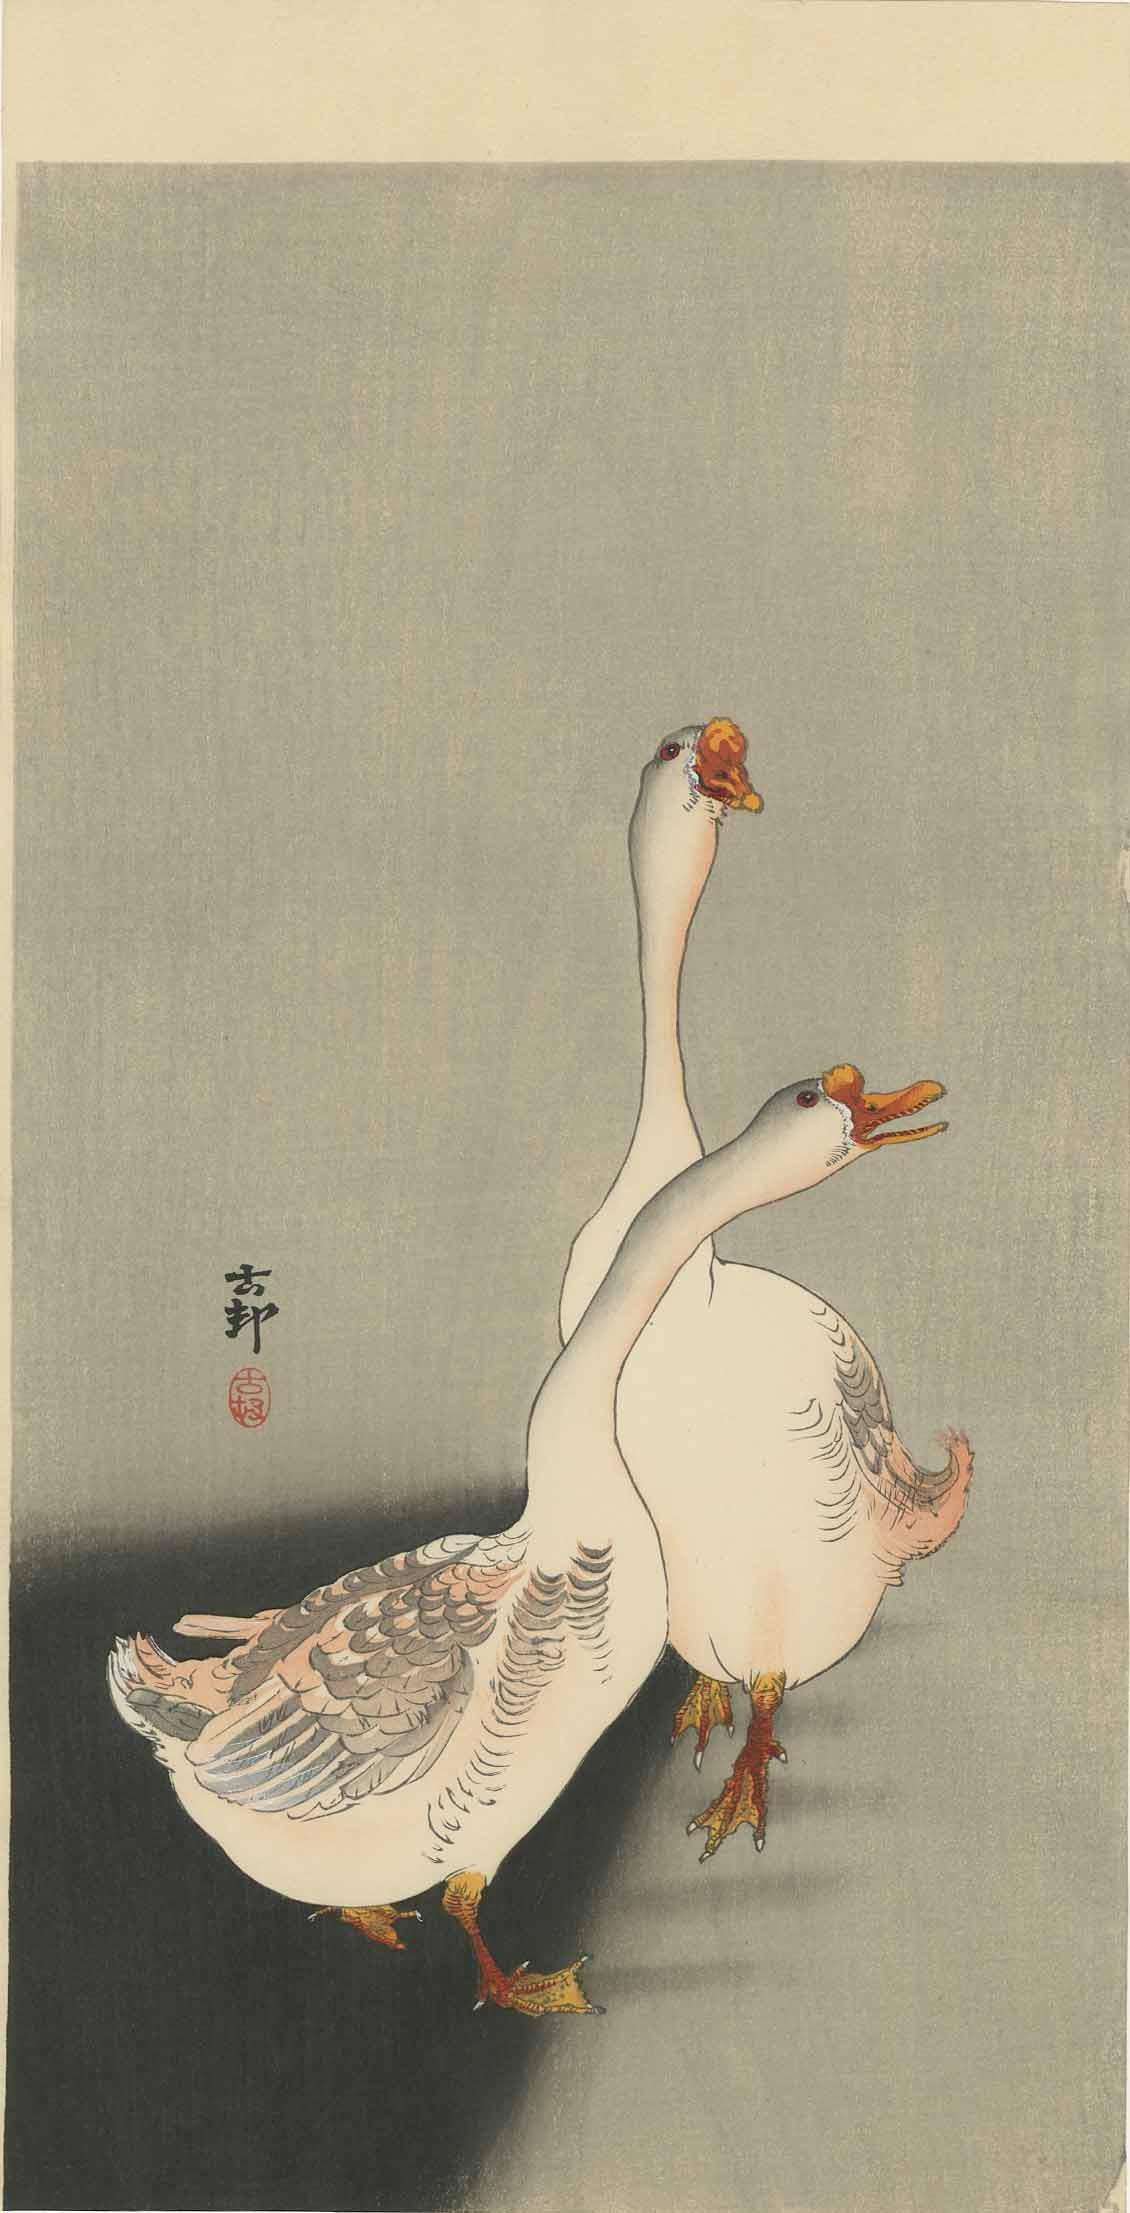 Koson Ohara: Domestic Geese 1920s Woodblock